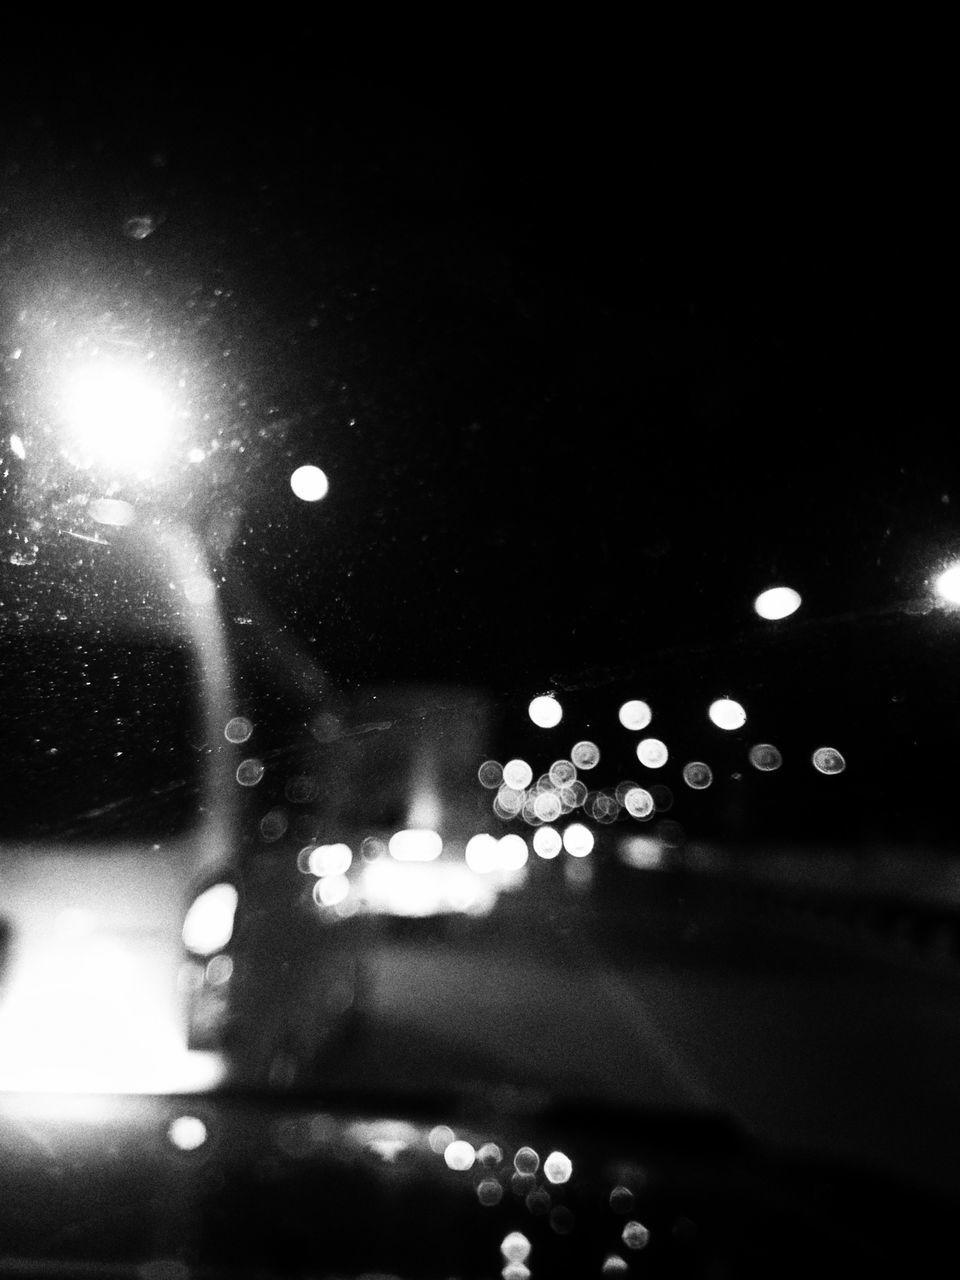 DEFOCUSED IMAGE OF ILLUMINATED LIGHTS ON WET WINDSHIELD